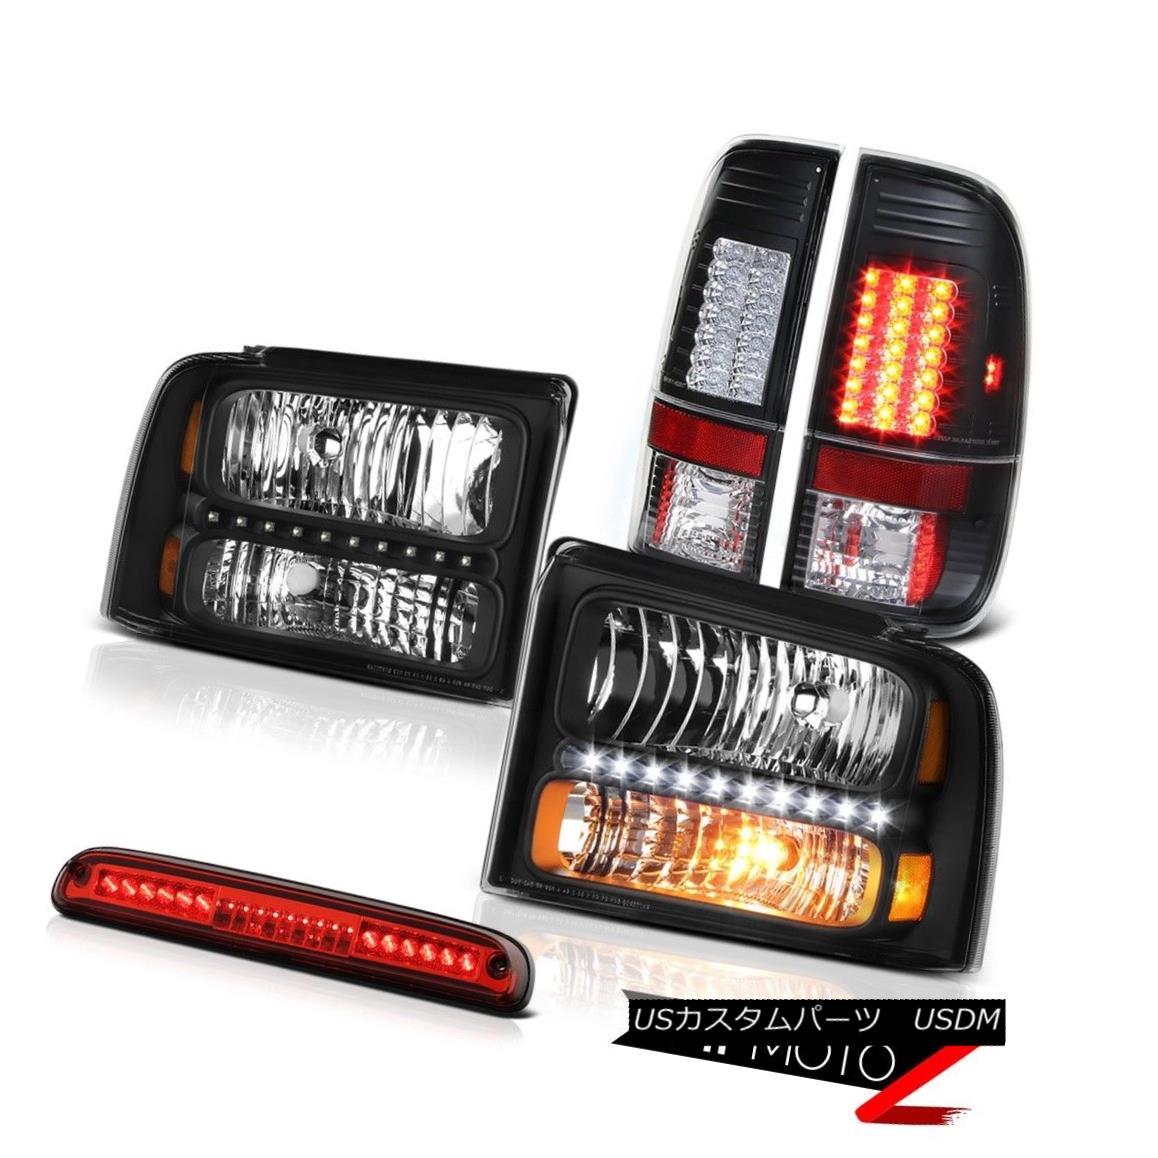 テールライト 2005 2006 2007 F250 XL Clear/Black Headlights Black Brake Tail Lights Roof Red 2005 2006 2007 F250 XLクリア/ブラックヘッドライトブラックブレーキテールライトルーフレッド